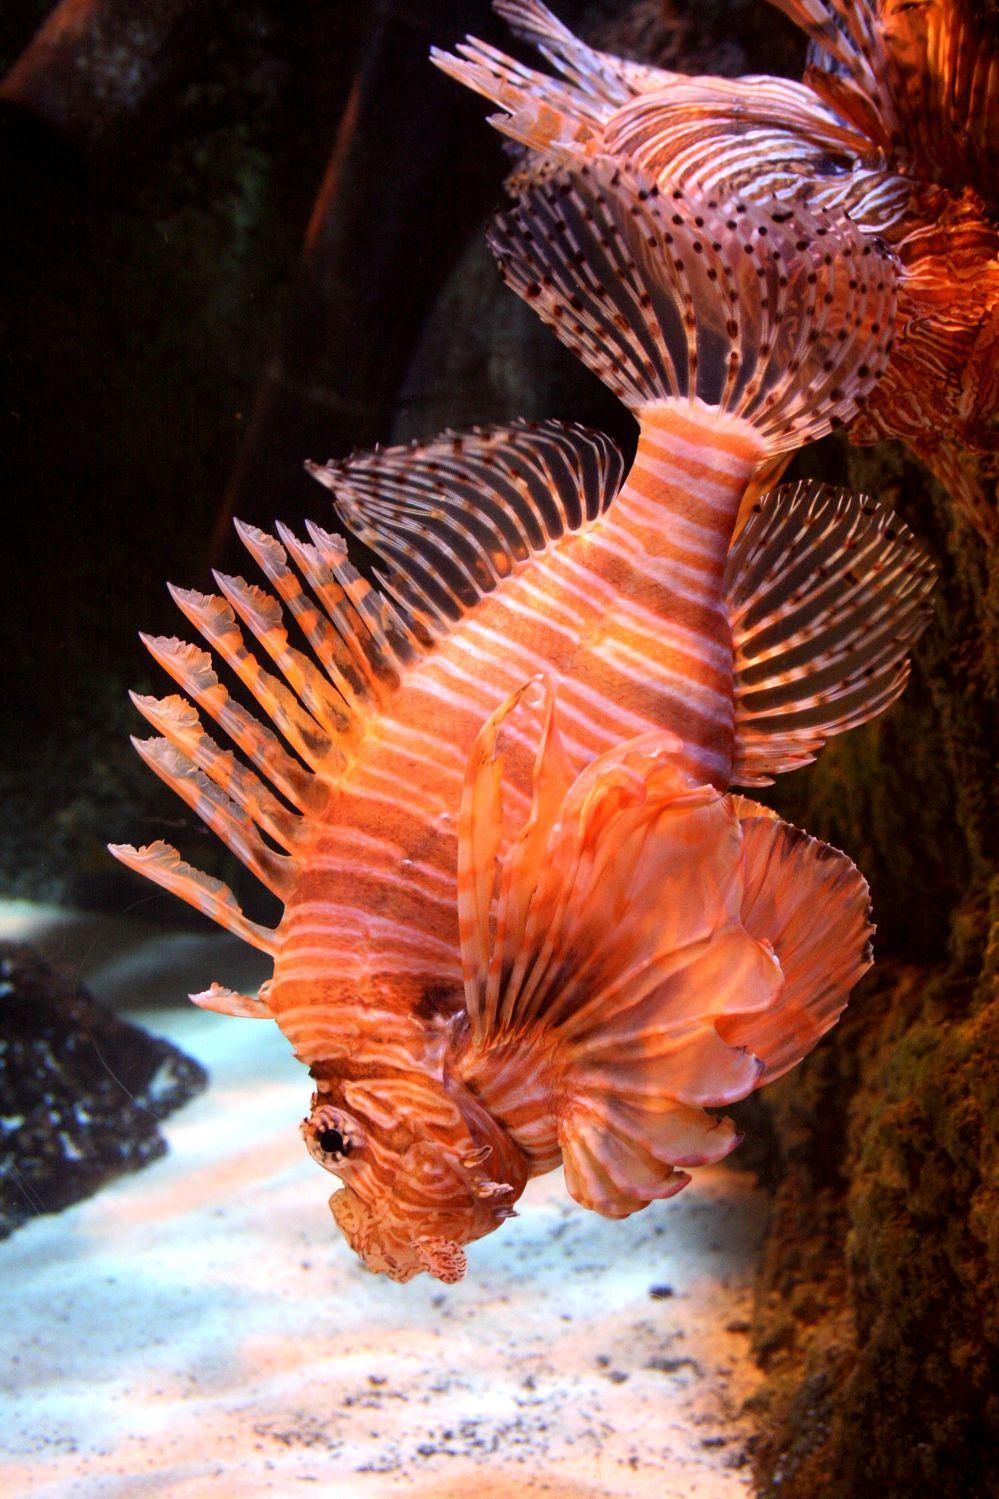 Bild mit Tiere, Natur, Landschaften, Fische, Unterwasser, Aquarien, Skorpionfische, Feuerfische, Tier, Krebse und Weichtiere, Fisch